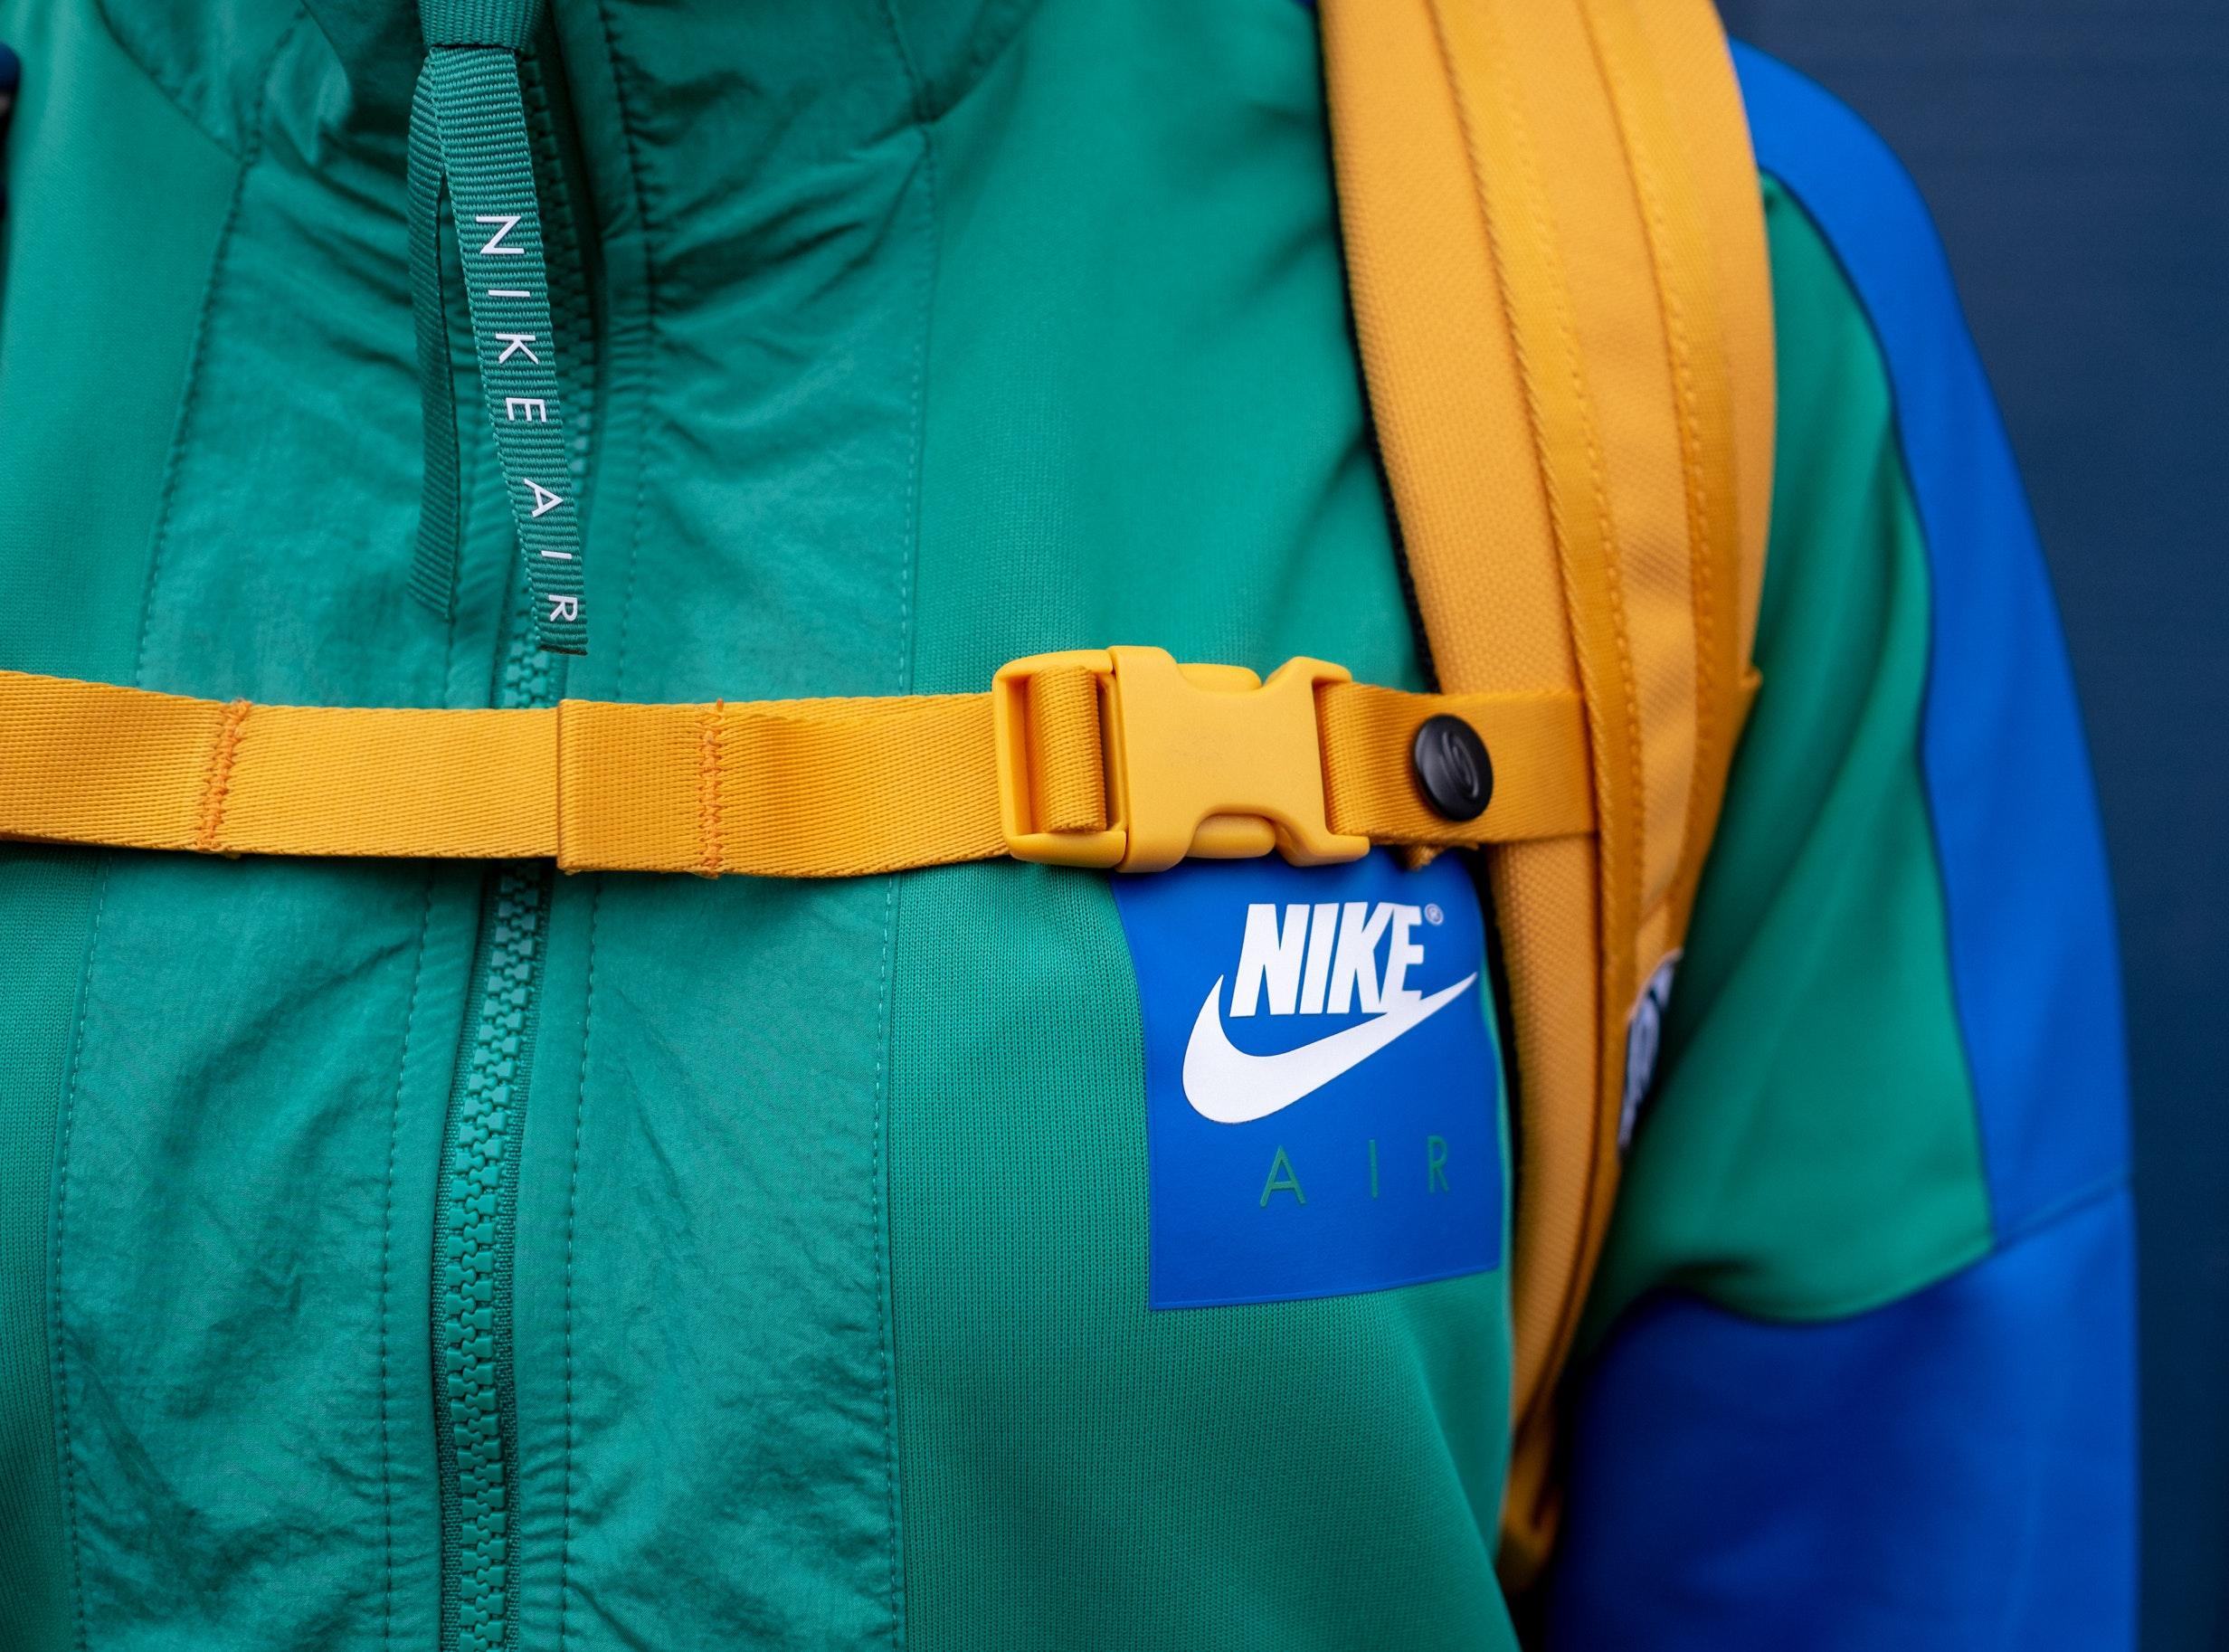 Imagem mostra um close da região peitoral de uma jaqueta Nike, com o logo e o zíper em evidência.